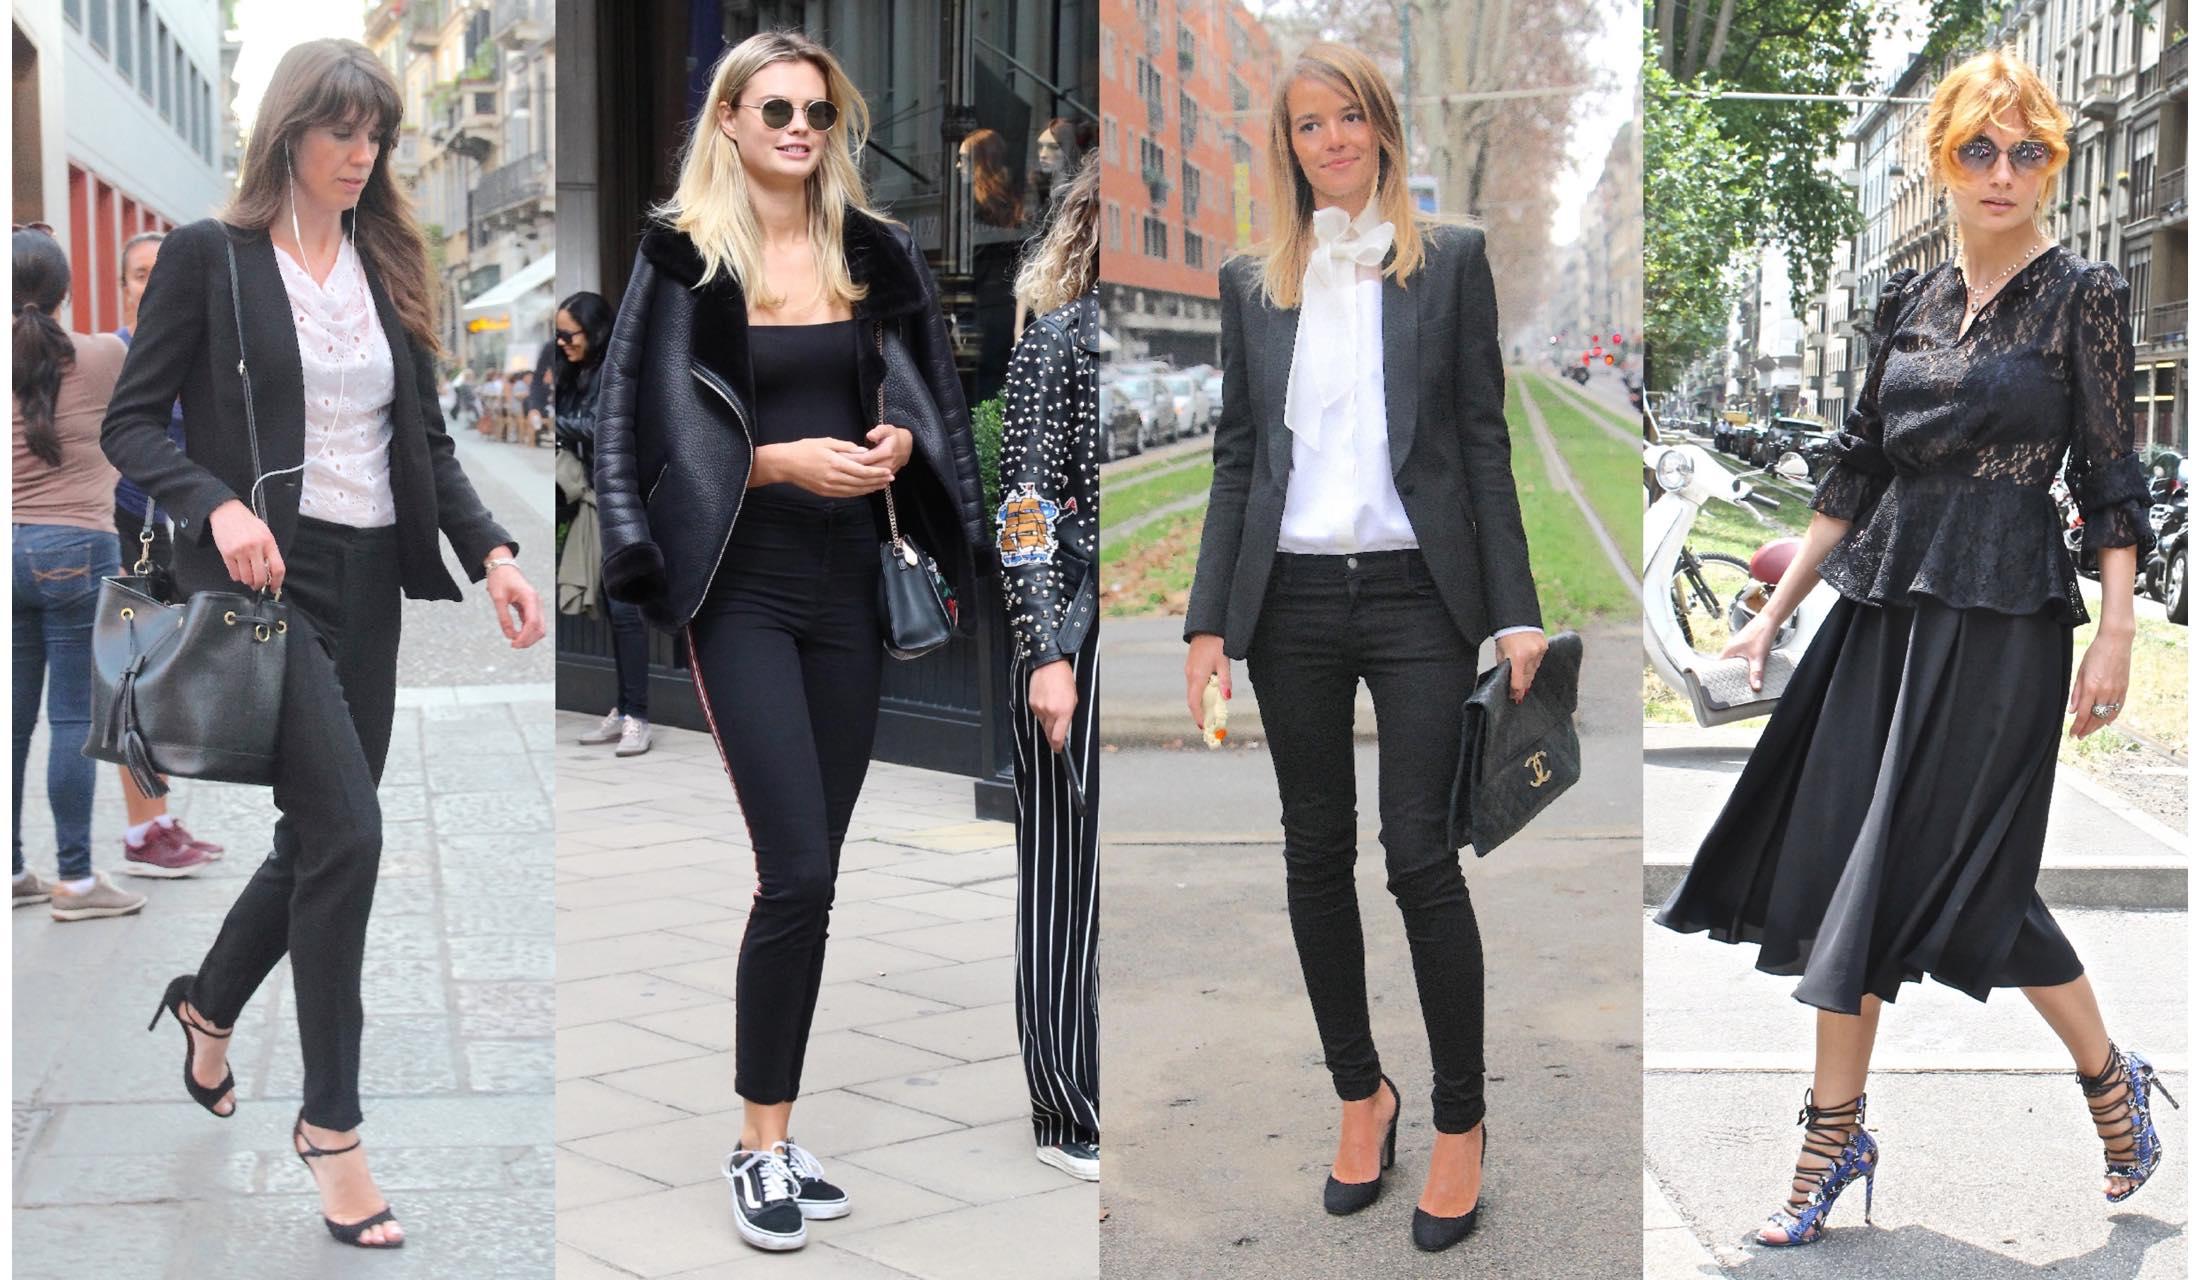 ブラックスタイルを素敵に着こなすミラノマダムたちのストリートスナップ写真